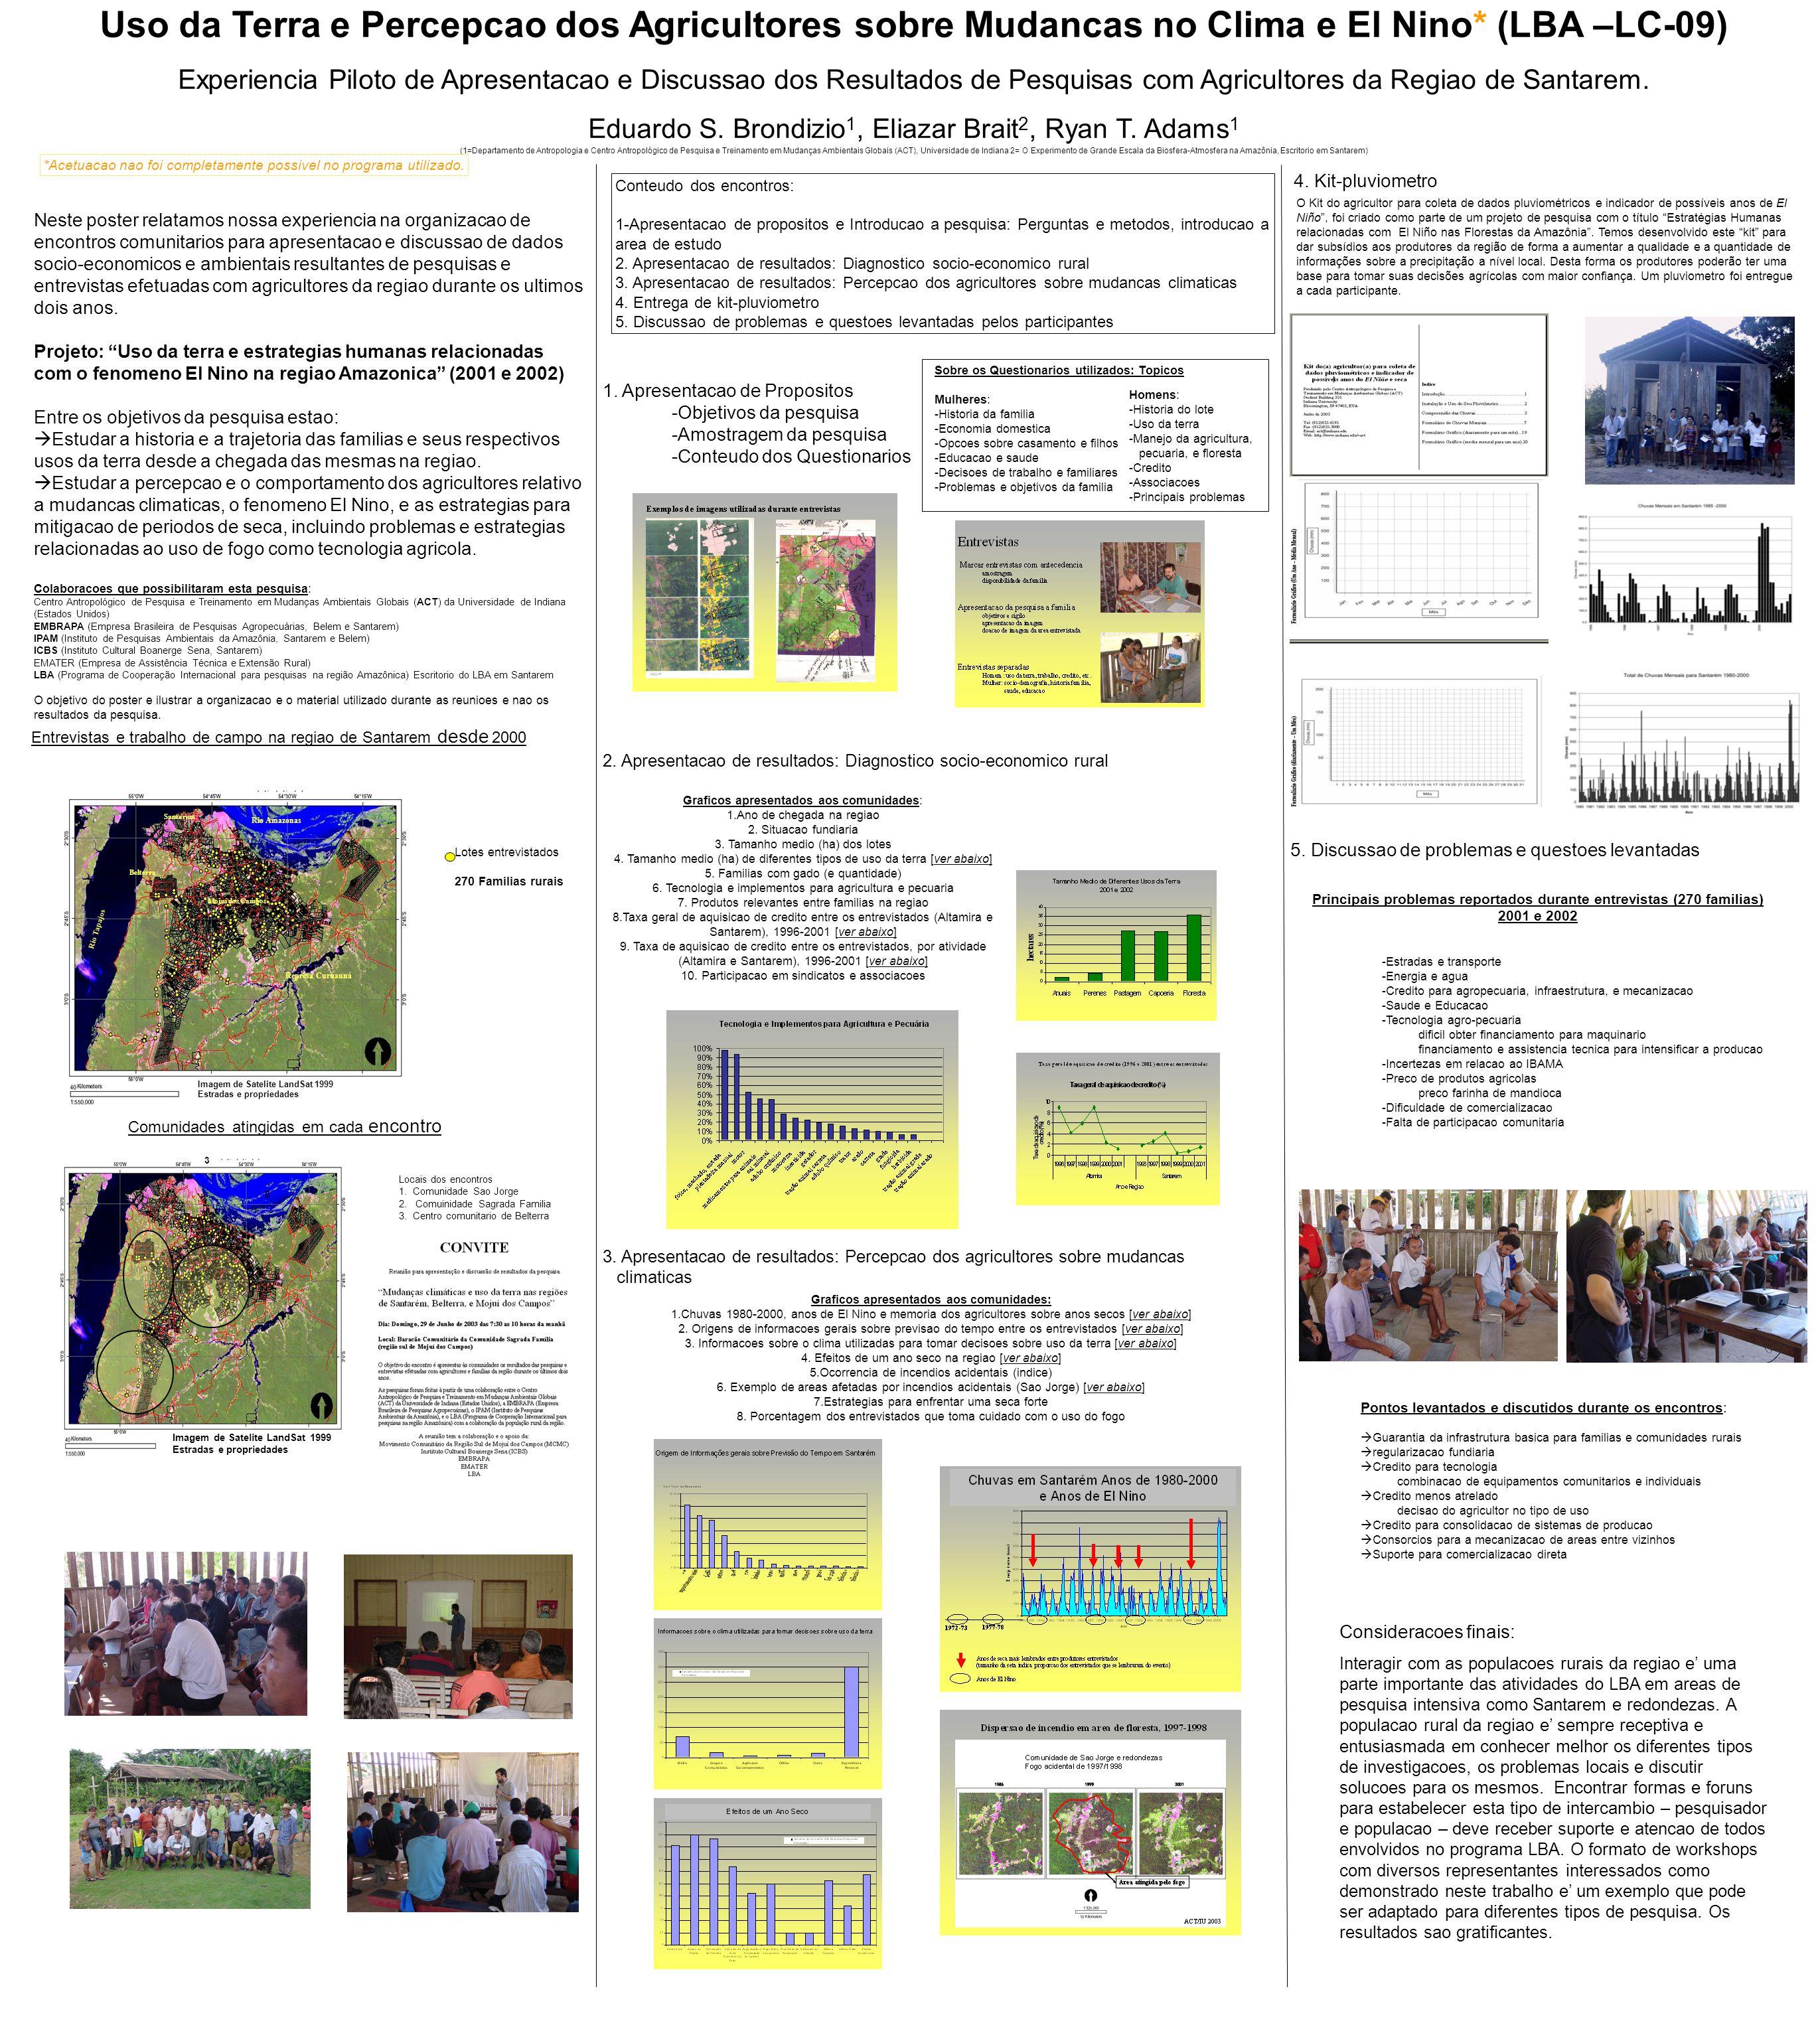 Neste poster relatamos nossa experiencia na organizacao de encontros comunitarios para apresentacao e discussao de dados socio-economicos e ambientais resultantes de pesquisas e entrevistas efetuadas com agricultores da regiao durante os ultimos dois anos.